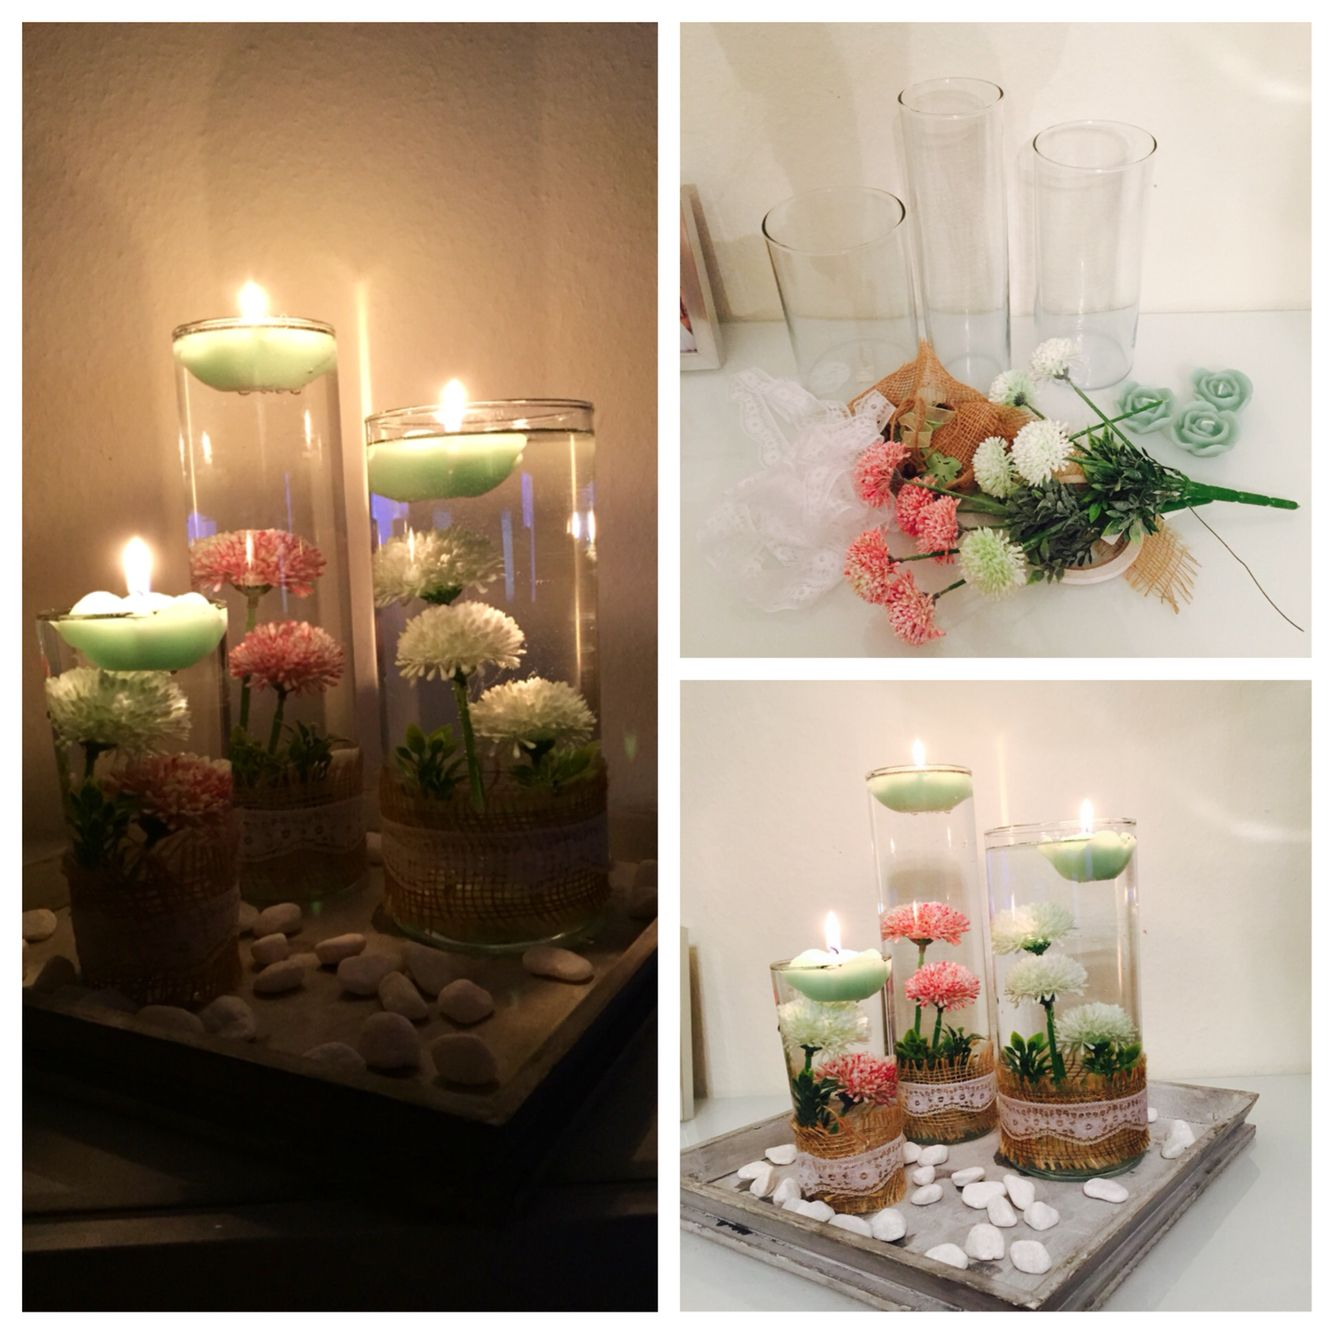 vintage deko vasen mit kerzen und blumen diy pinterest deko vasen vintage deko und vasen. Black Bedroom Furniture Sets. Home Design Ideas